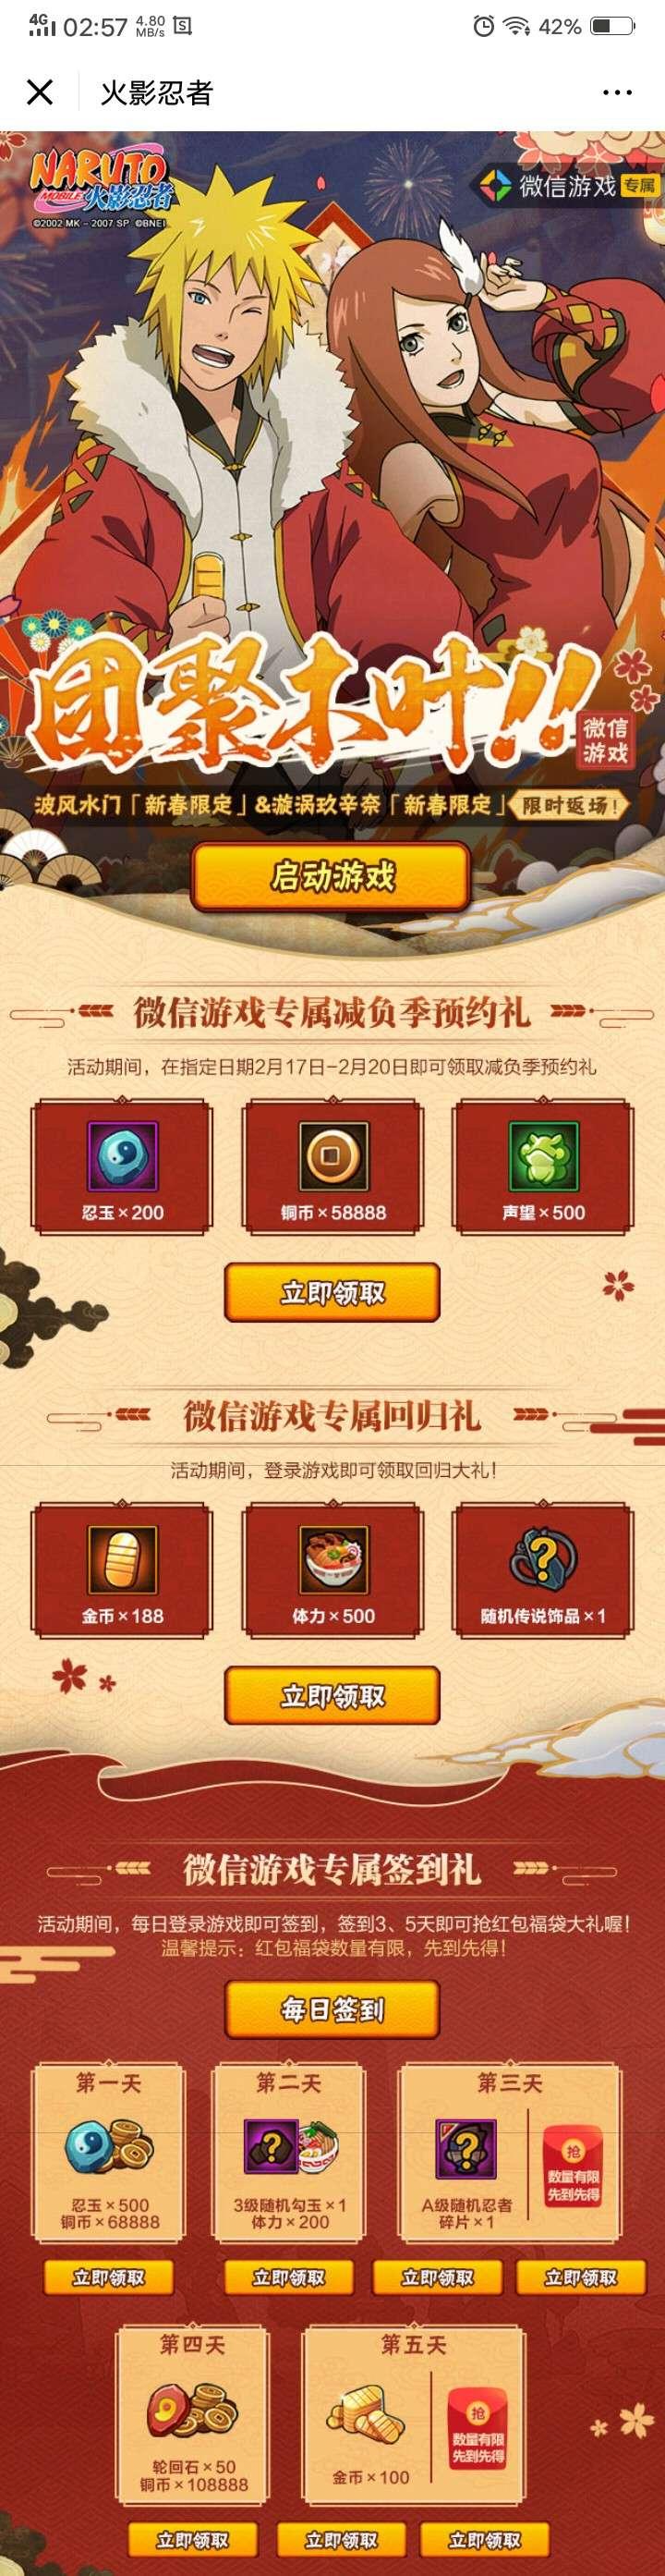 线报-「现金红包」微信活动火影忍者签到领15元红包-惠小助(52huixz.com)